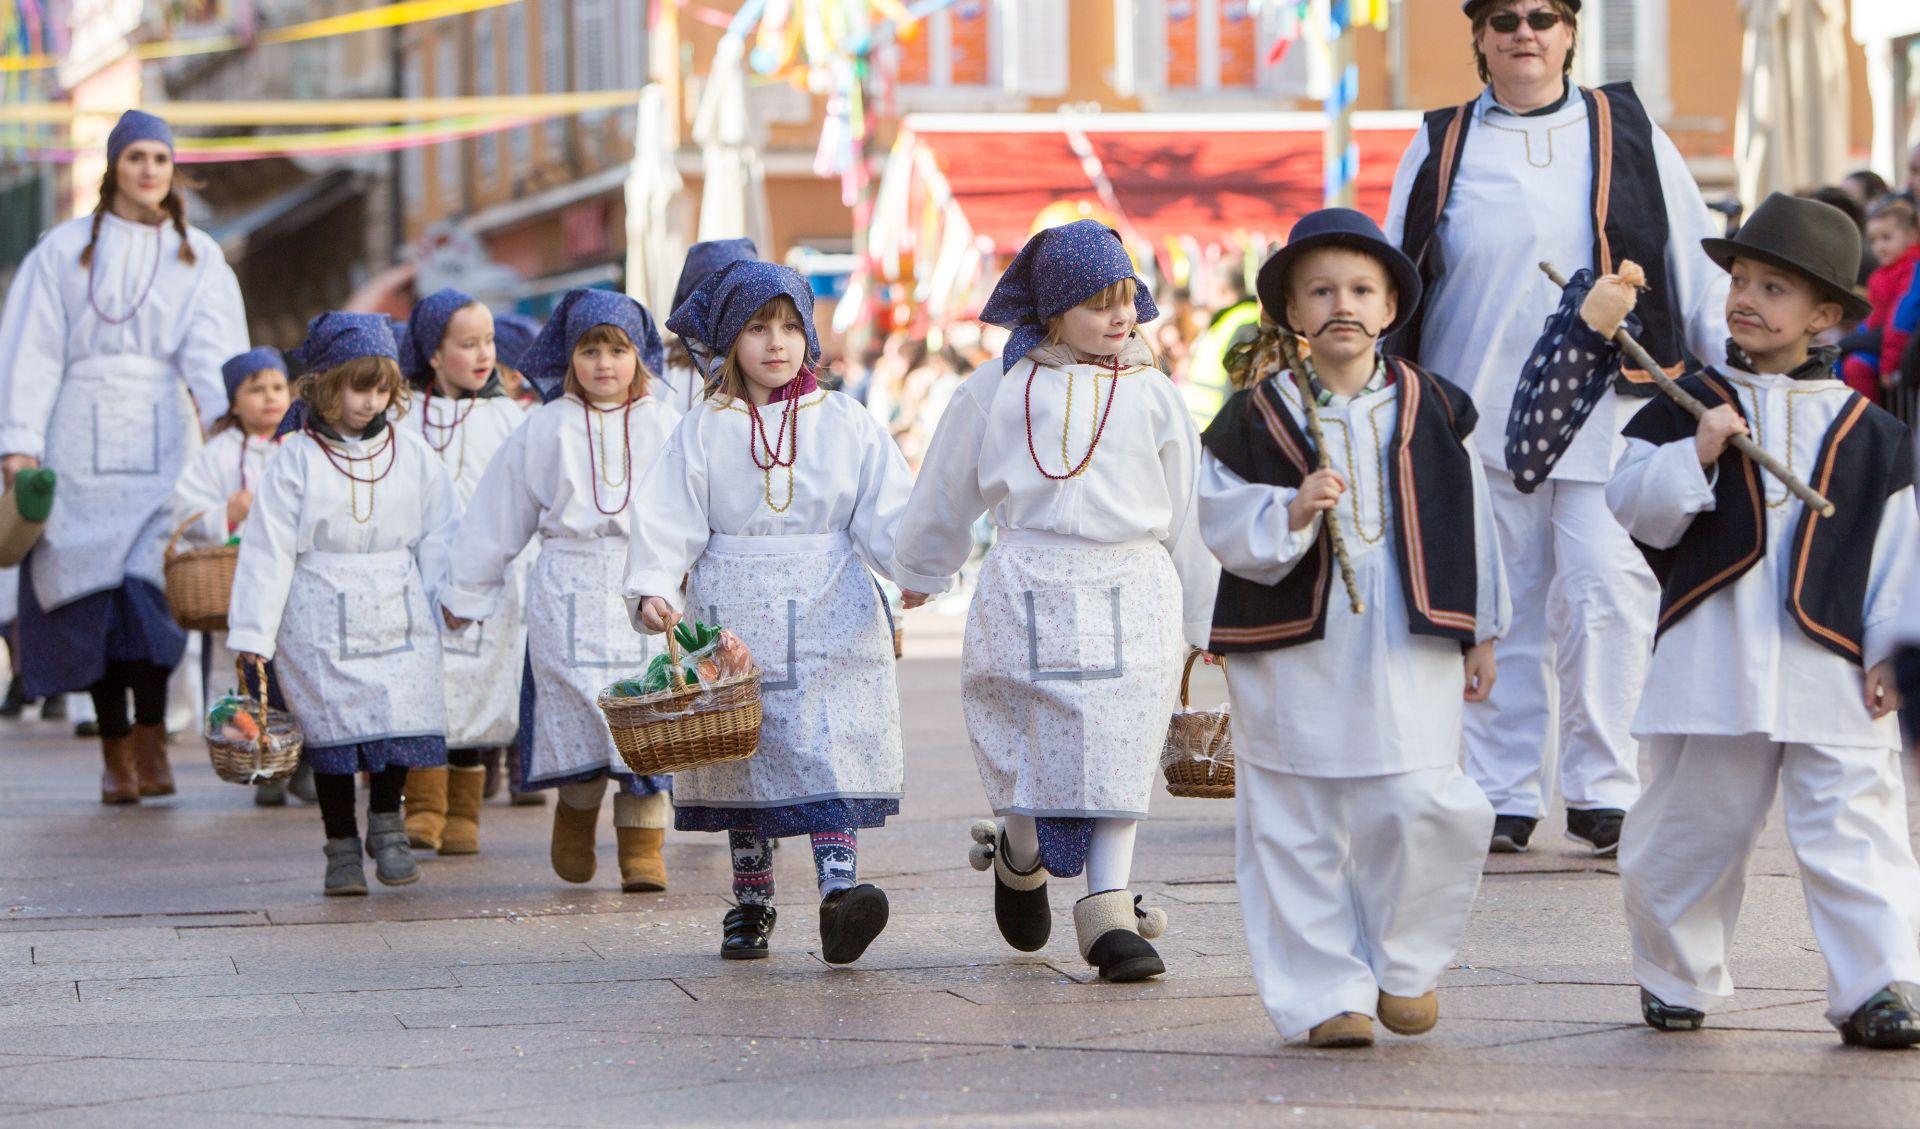 U Rijeci Dječja karnevalska povorka s 4500 maškarica